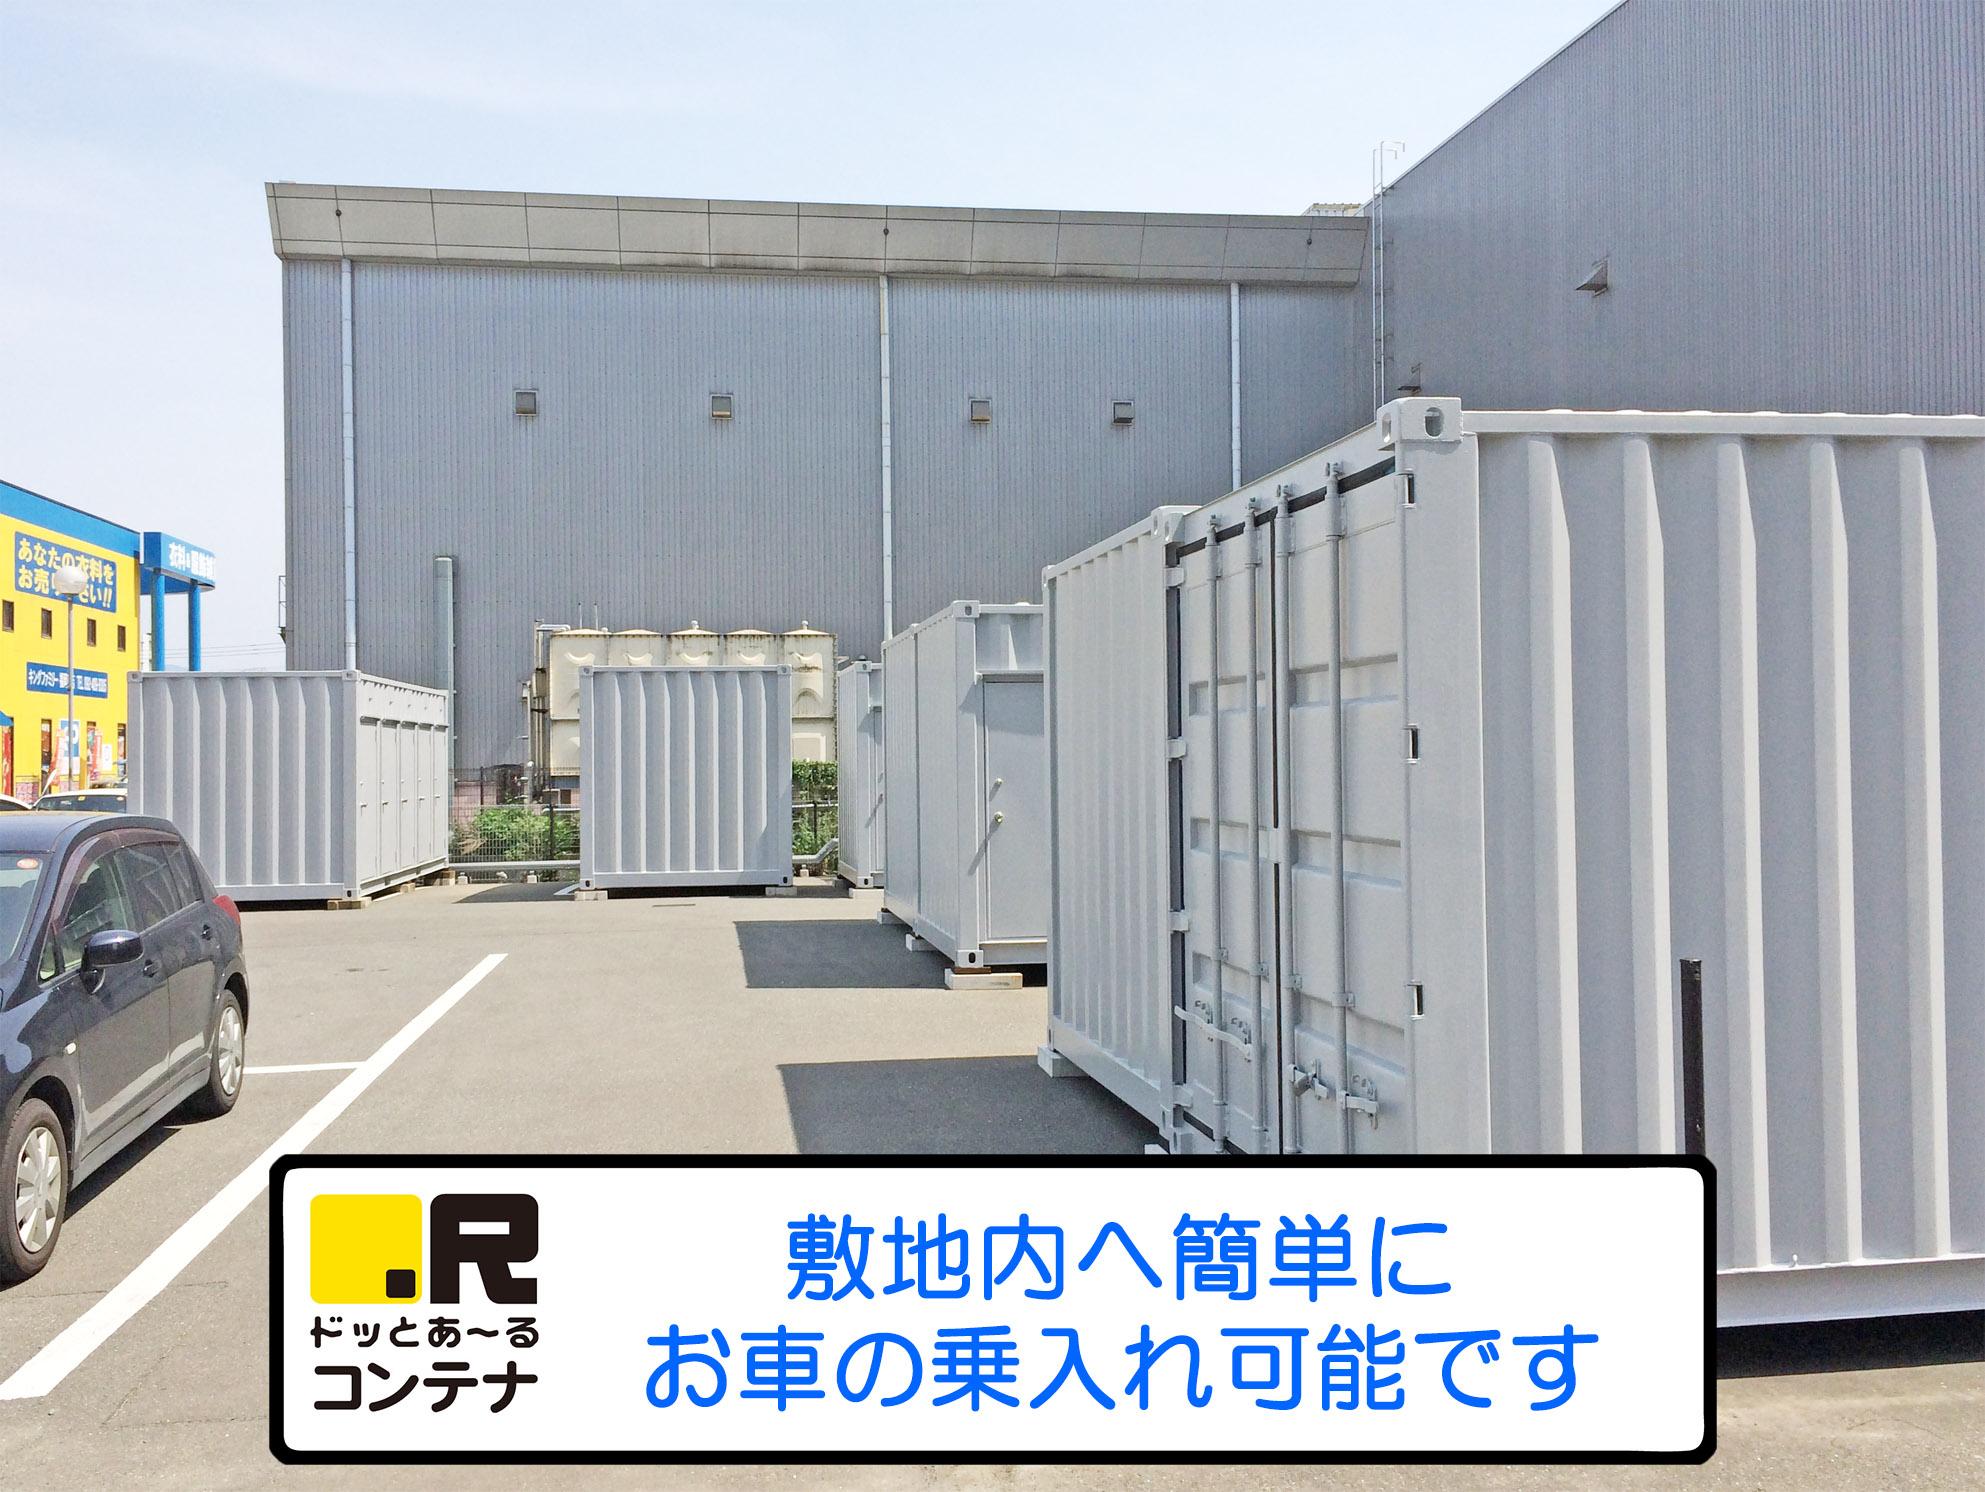 ドッとあ~るコンテナ粕屋仲原店